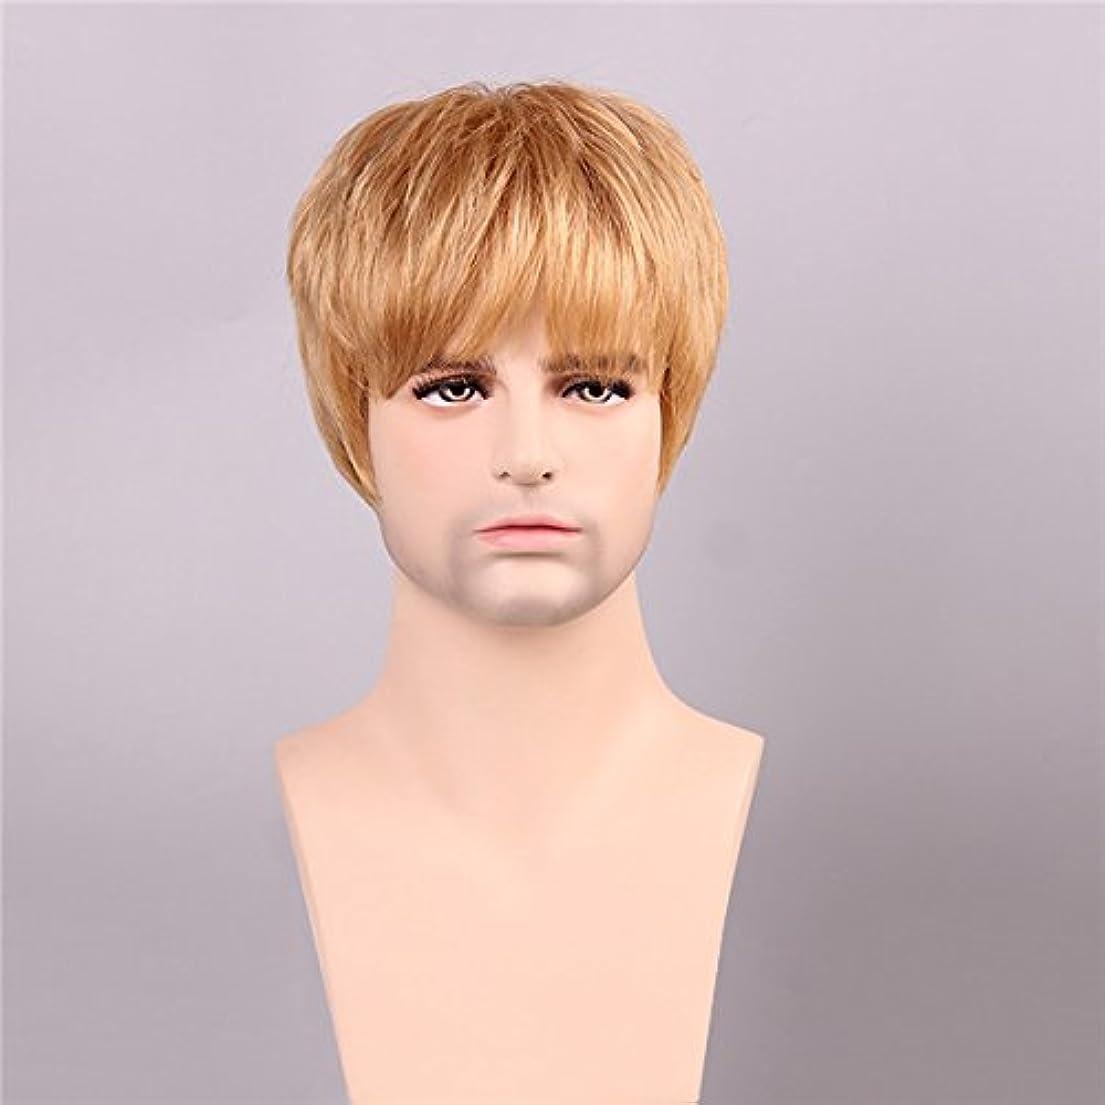 ポンペイ合併好きYZUEYT 男性の人間の髪のウィッグゴールデンブラウンブロンドショートモノラルトップ男性男性レミーCapless YZUEYT (Size : One size)